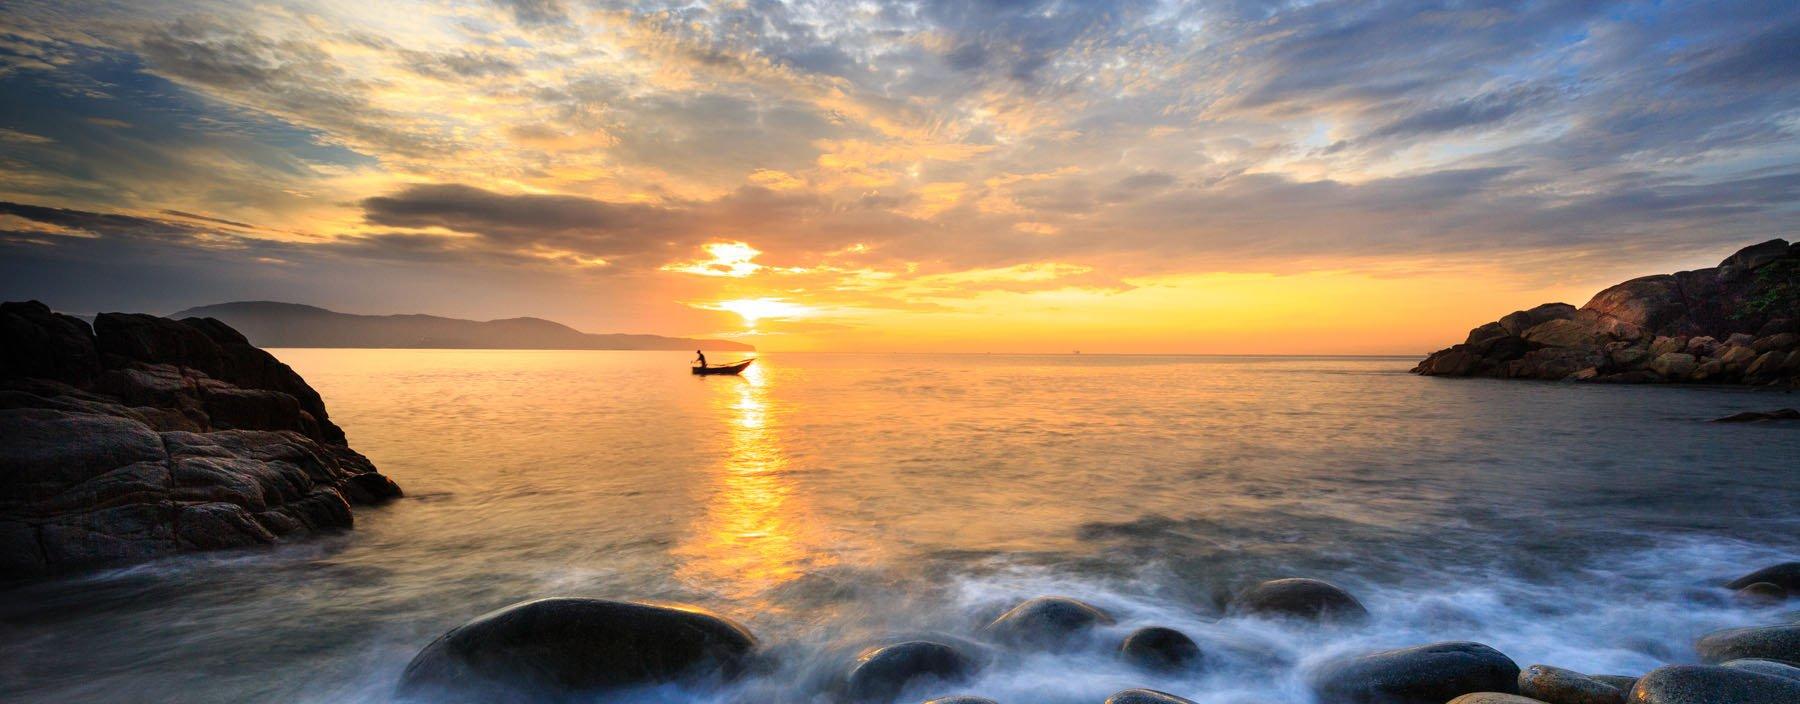 vn, quy nhon, sunrise.jpg